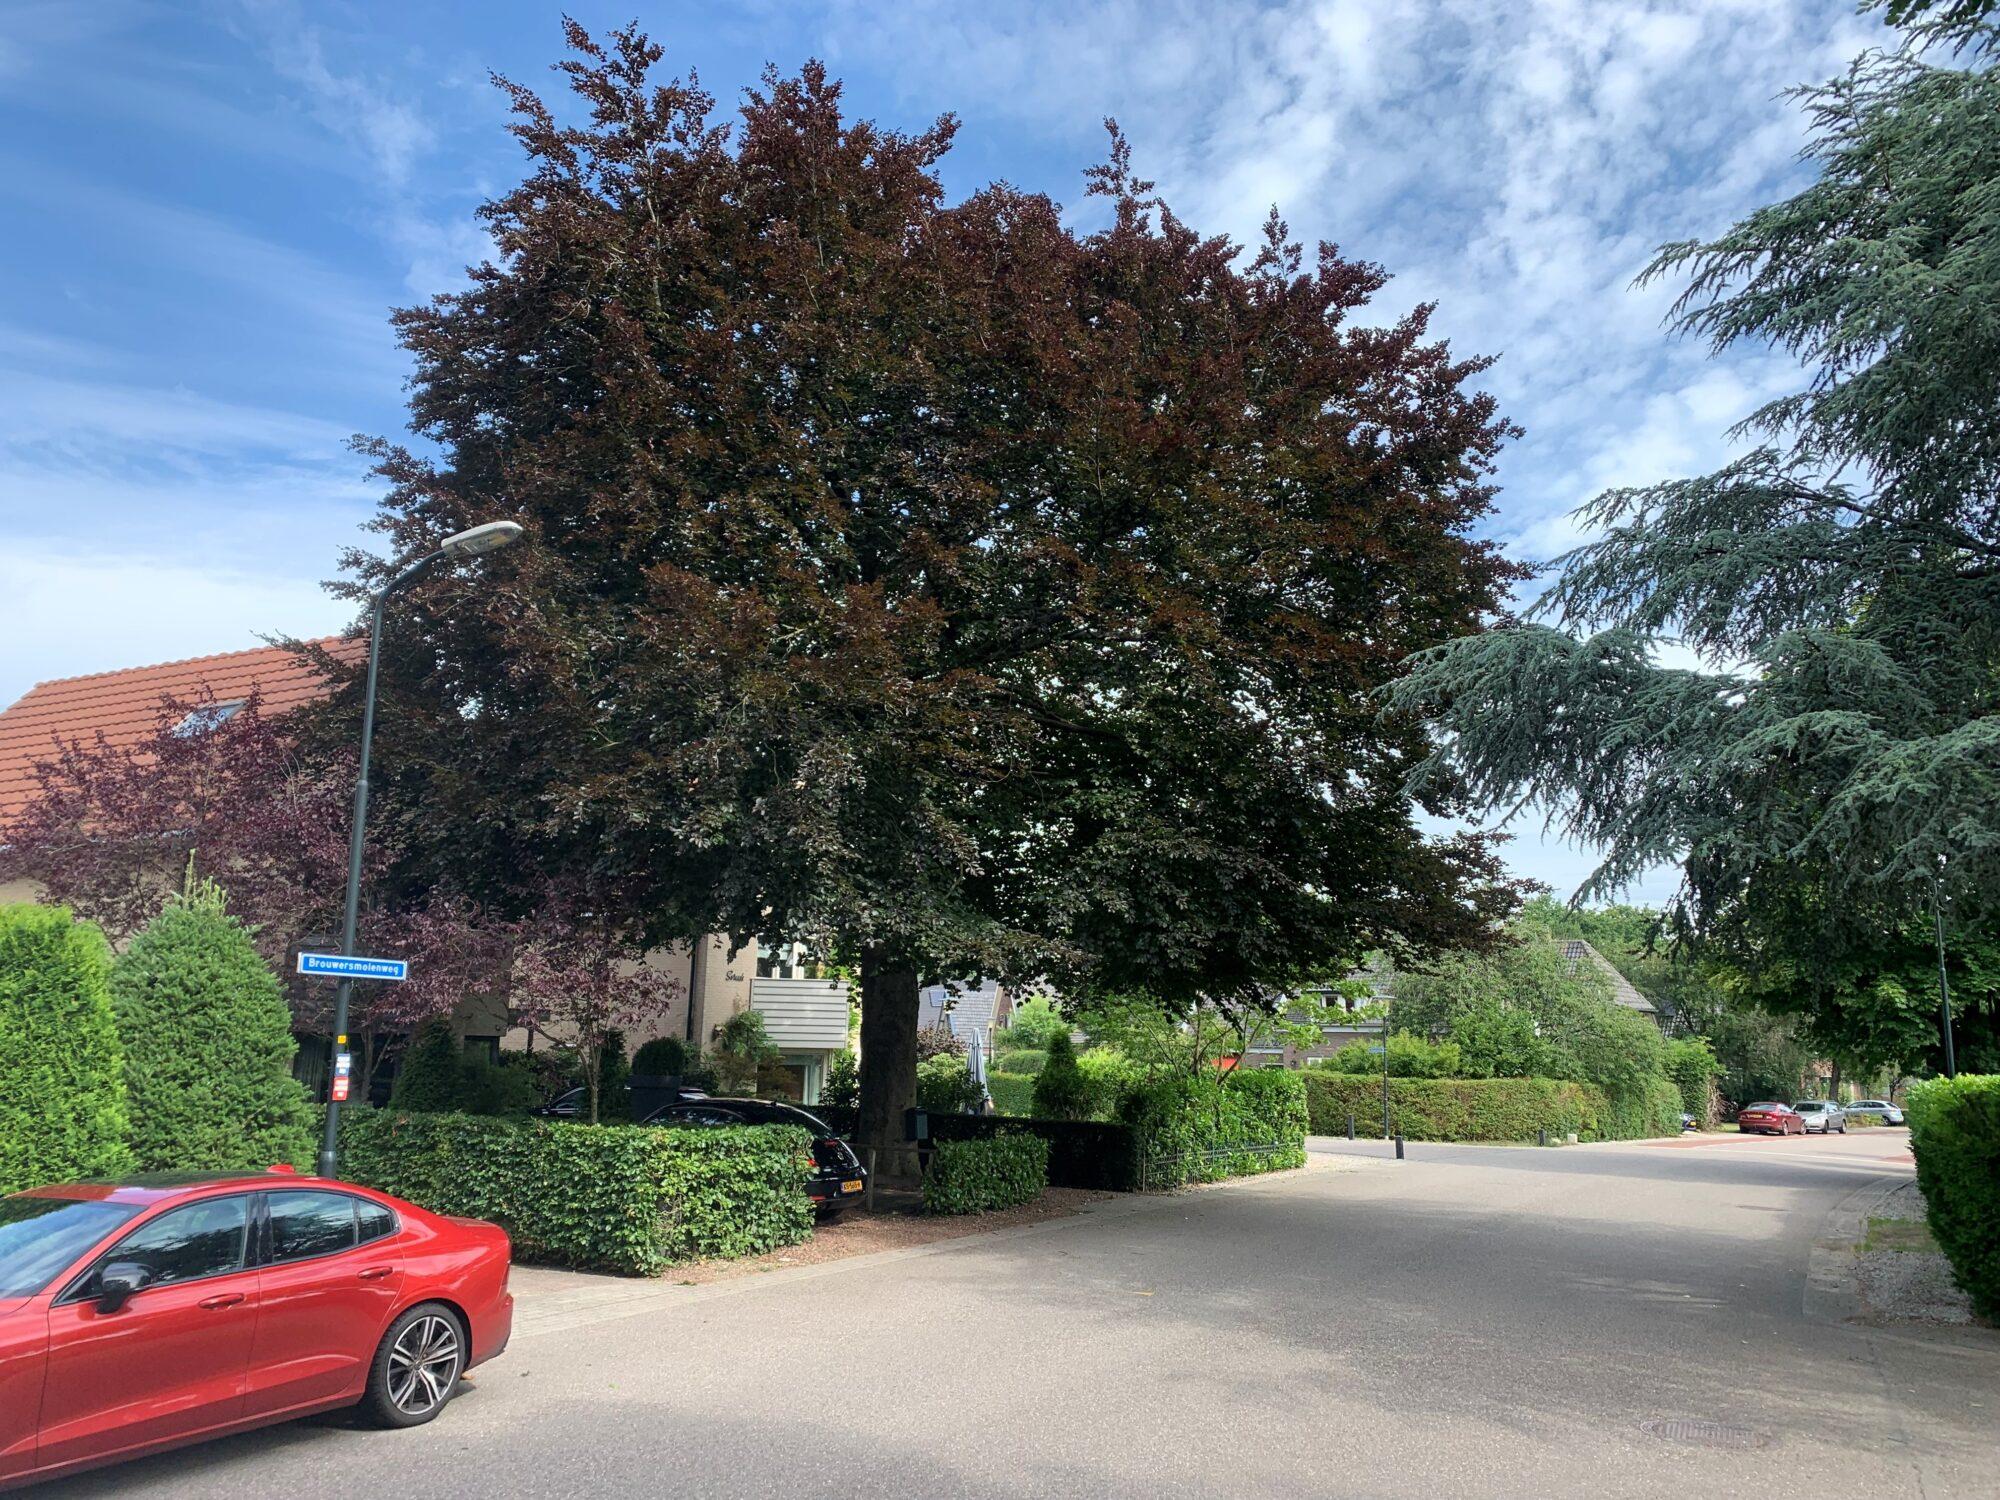 Subsidie voor bijzondere bomen in gemeente Apeldoorn